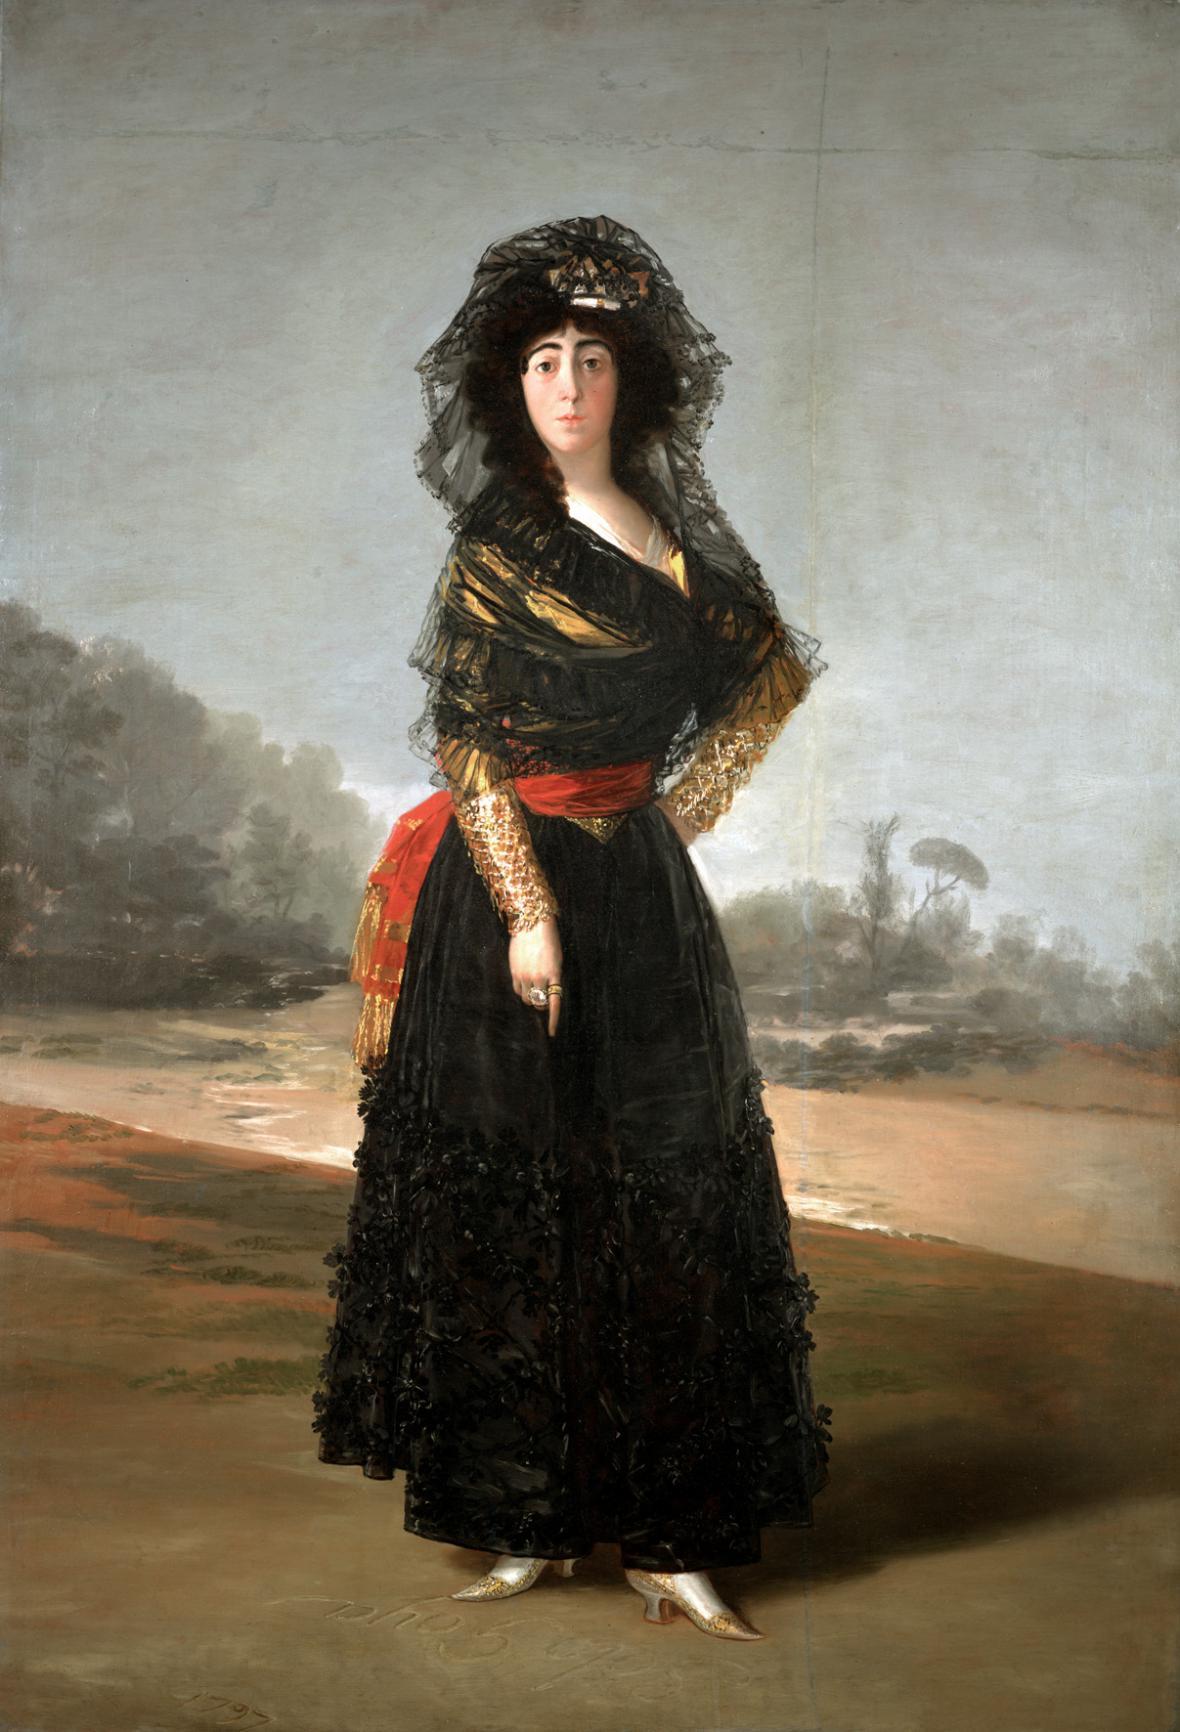 Francisco Goya / Vévodkyně z Alby